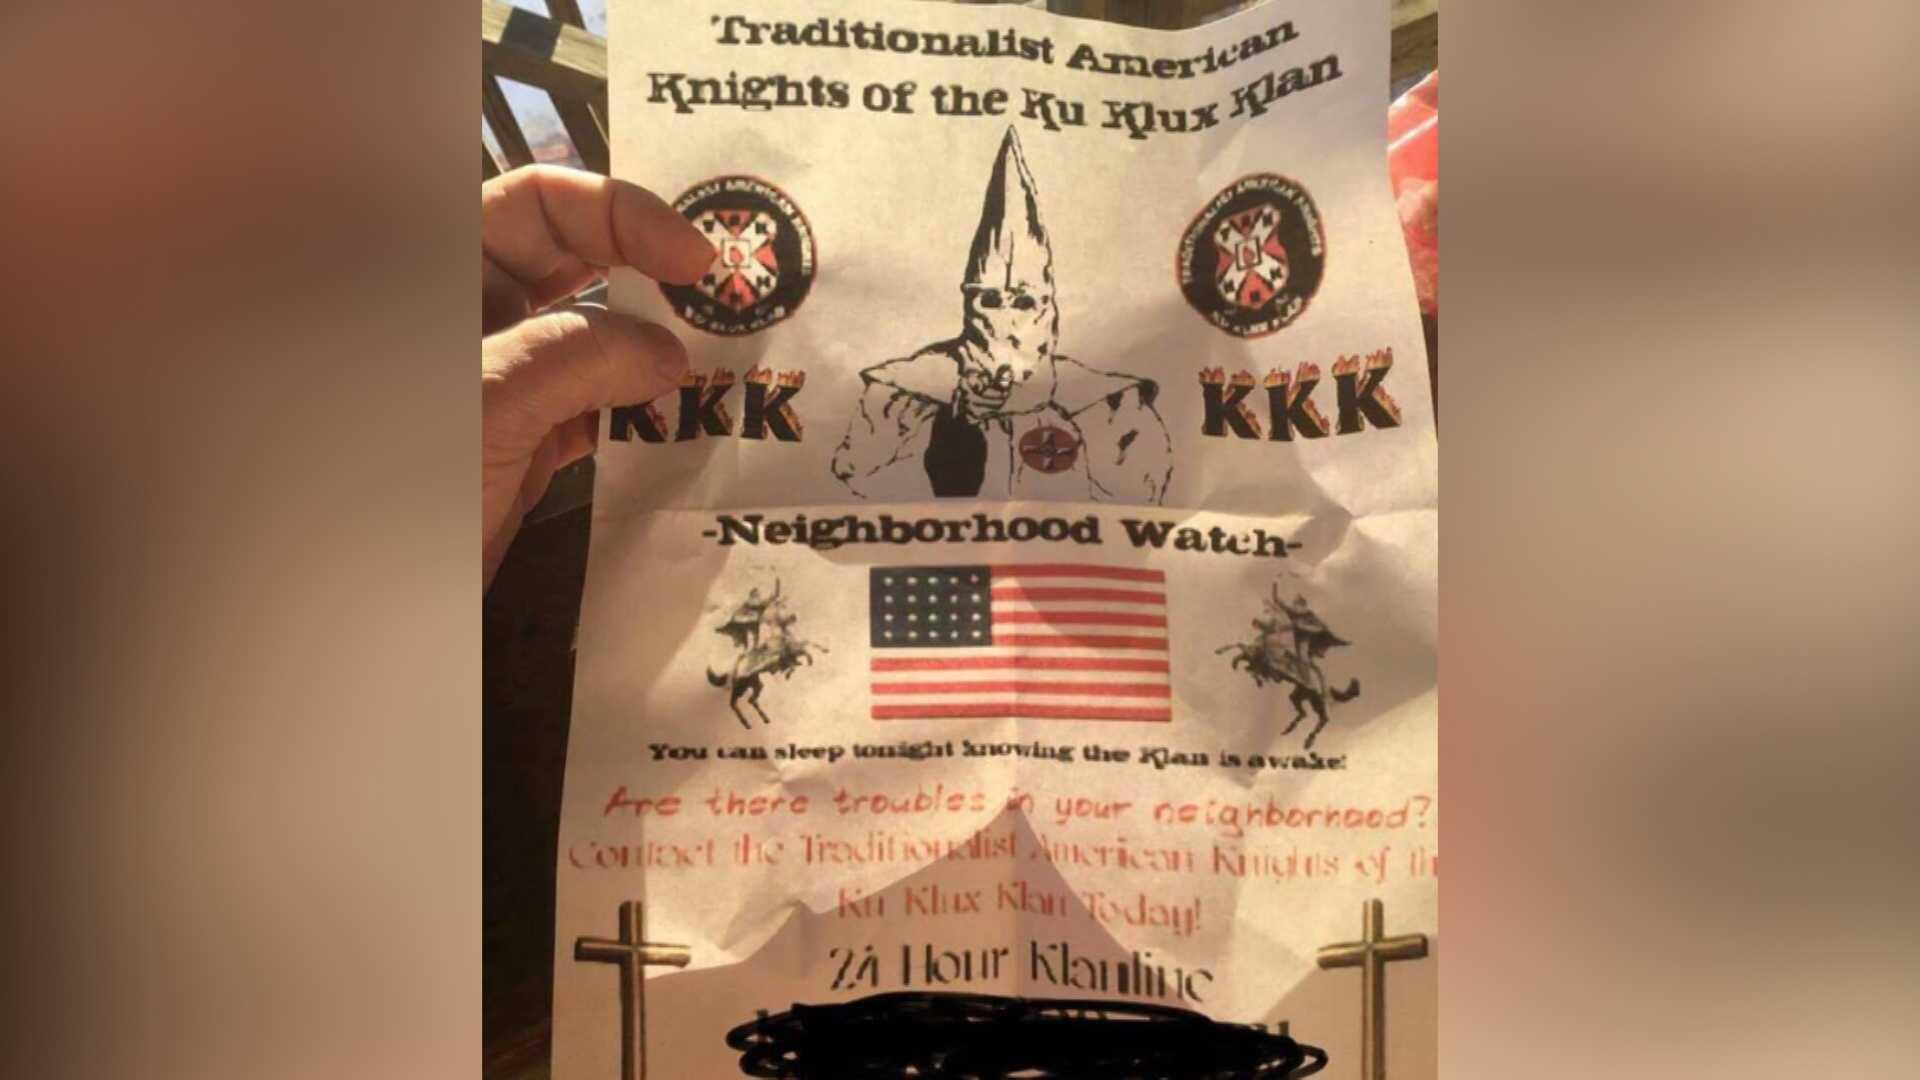 KKK fliers prompt concern for refugees, rebuke from governor